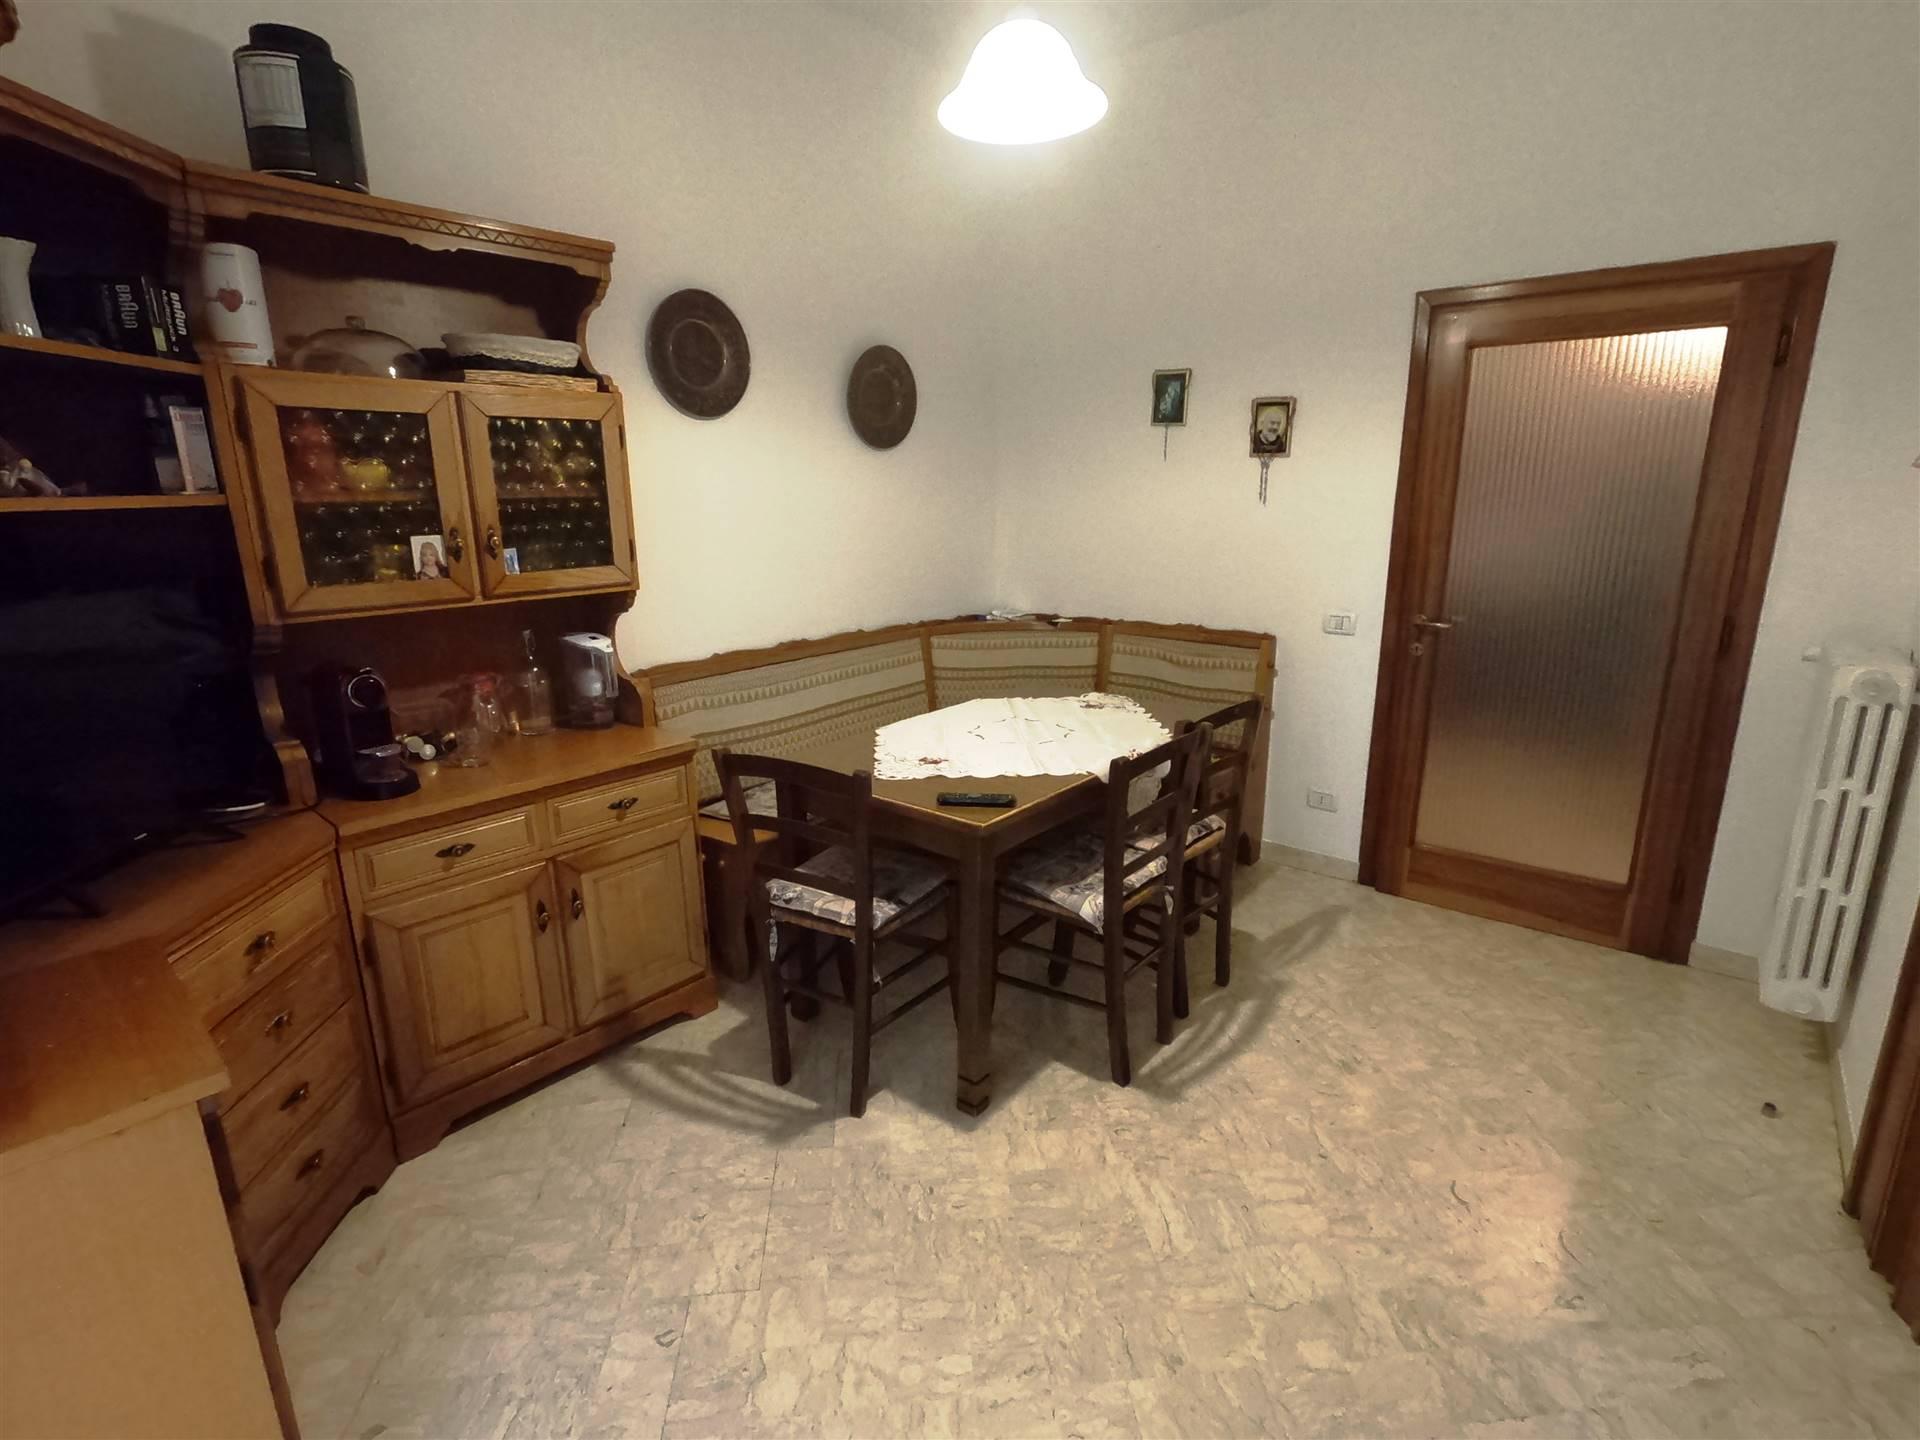 cucina - Rif. 1/2119